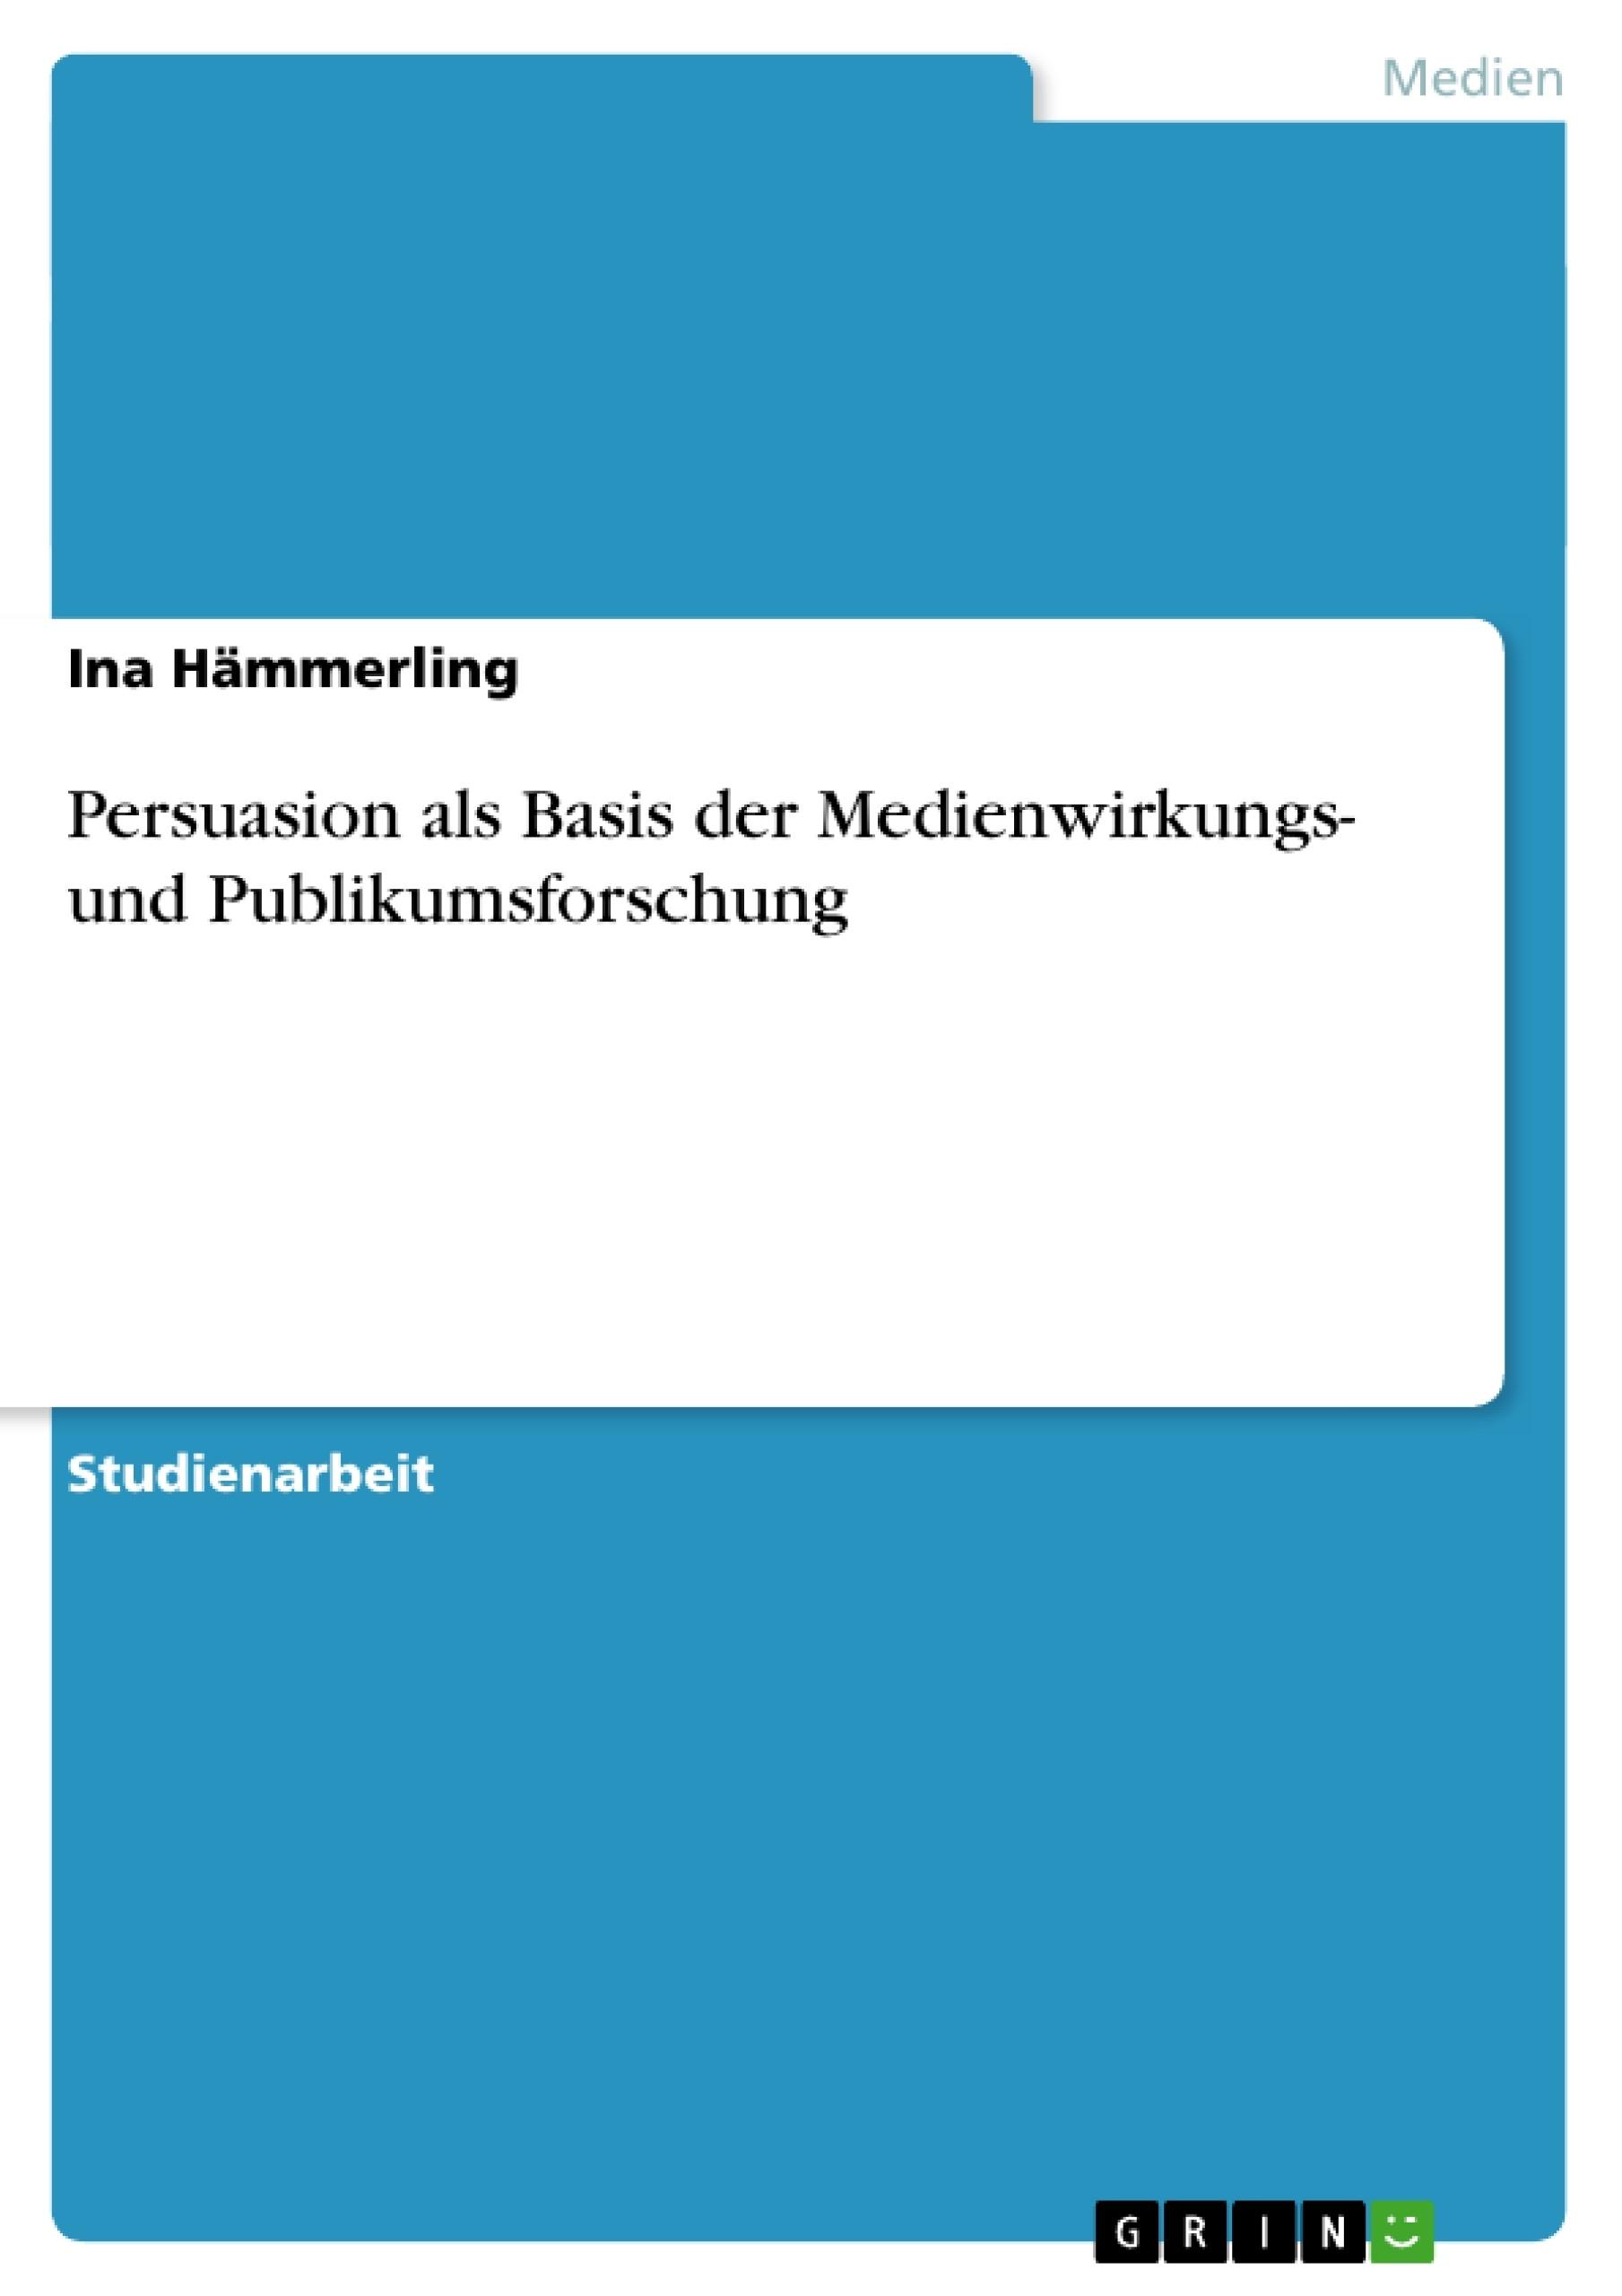 Titel: Persuasion als Basis der Medienwirkungs- und Publikumsforschung